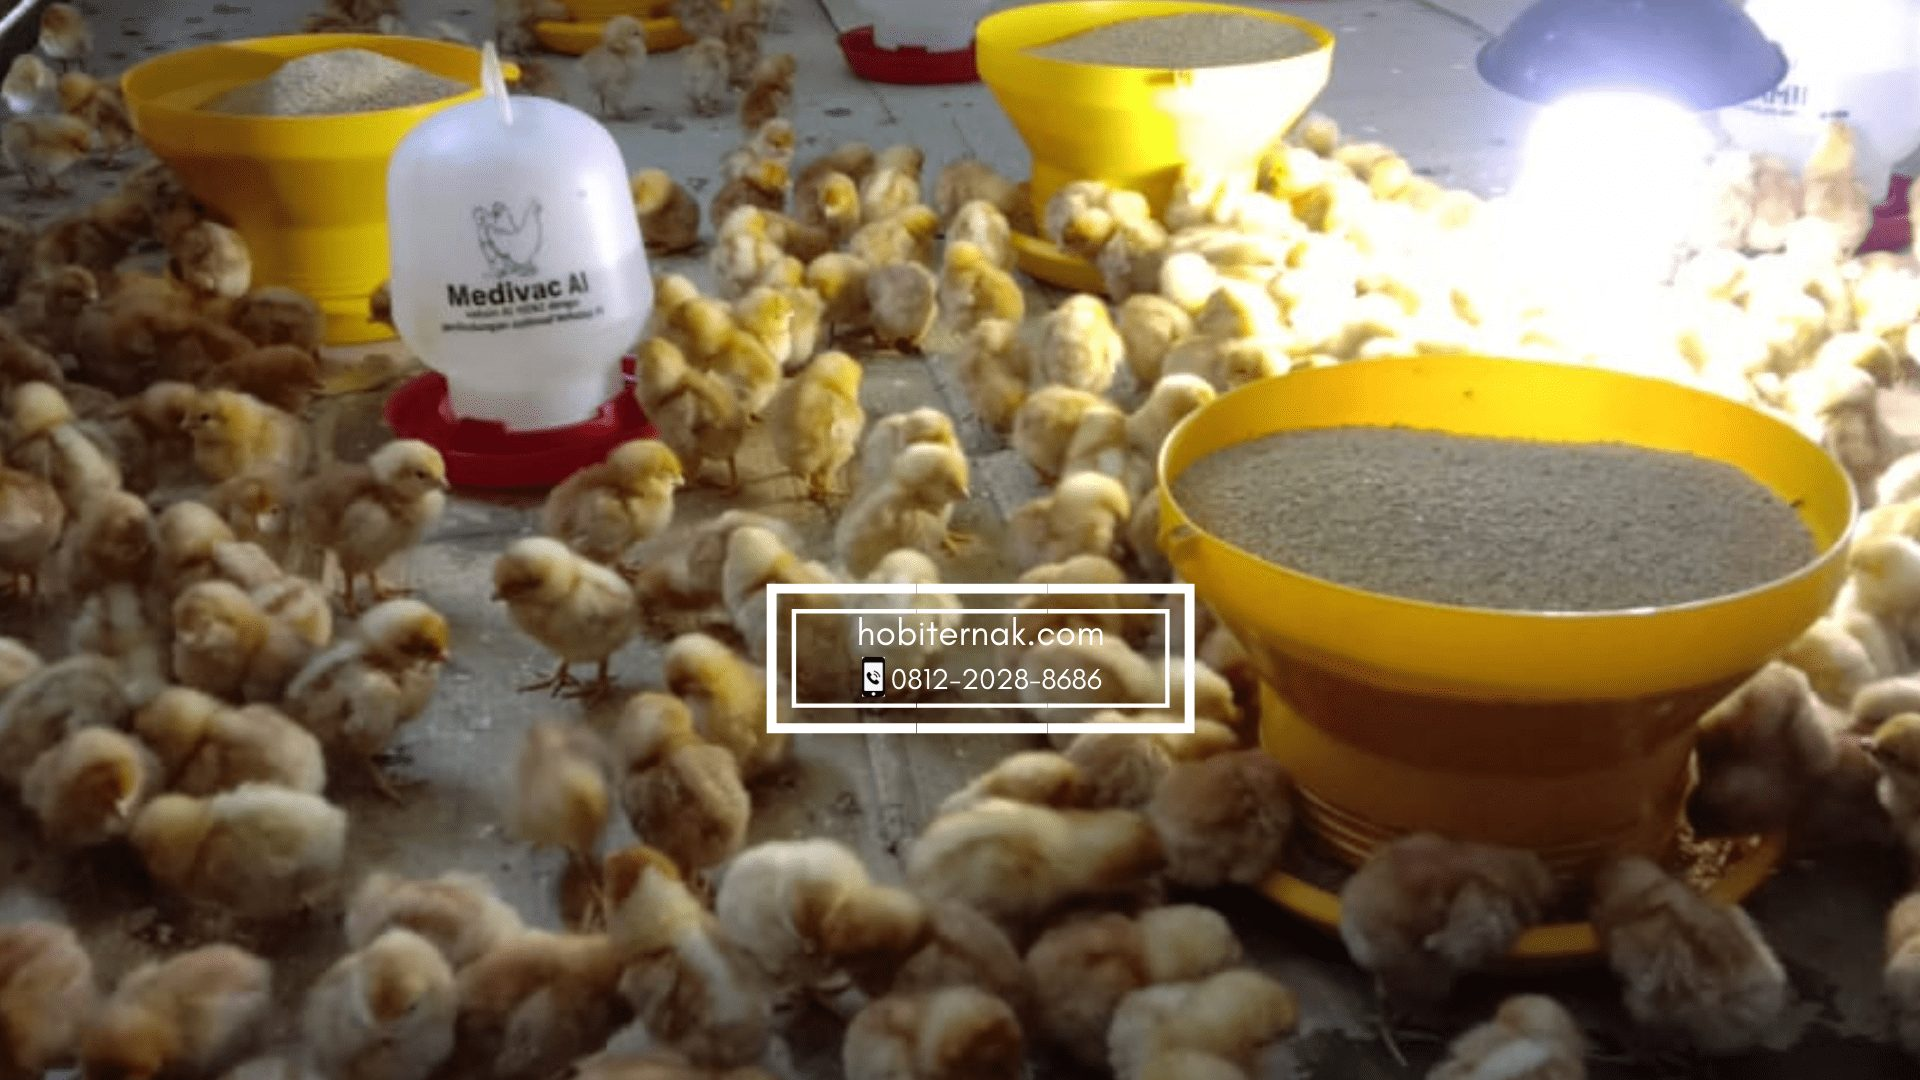 Untuk memulai beternak ayam petelur bisa di mulai dari usia anakan atau DOC